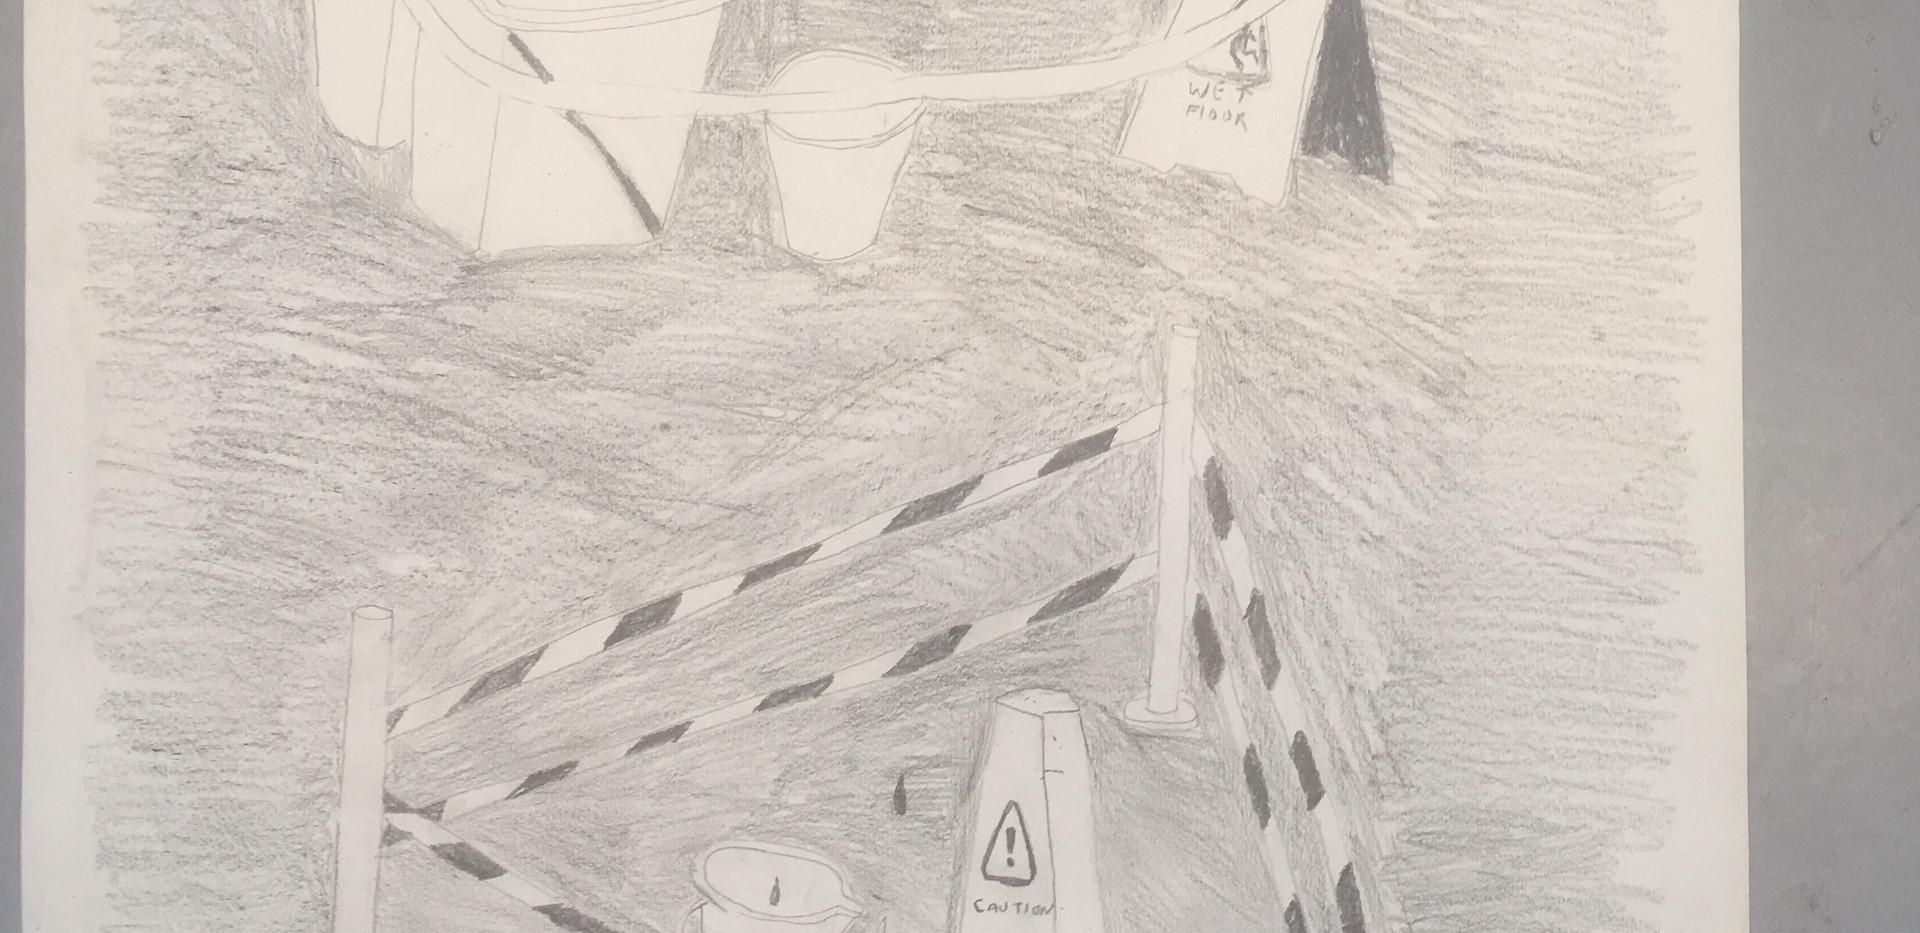 Drip drawing